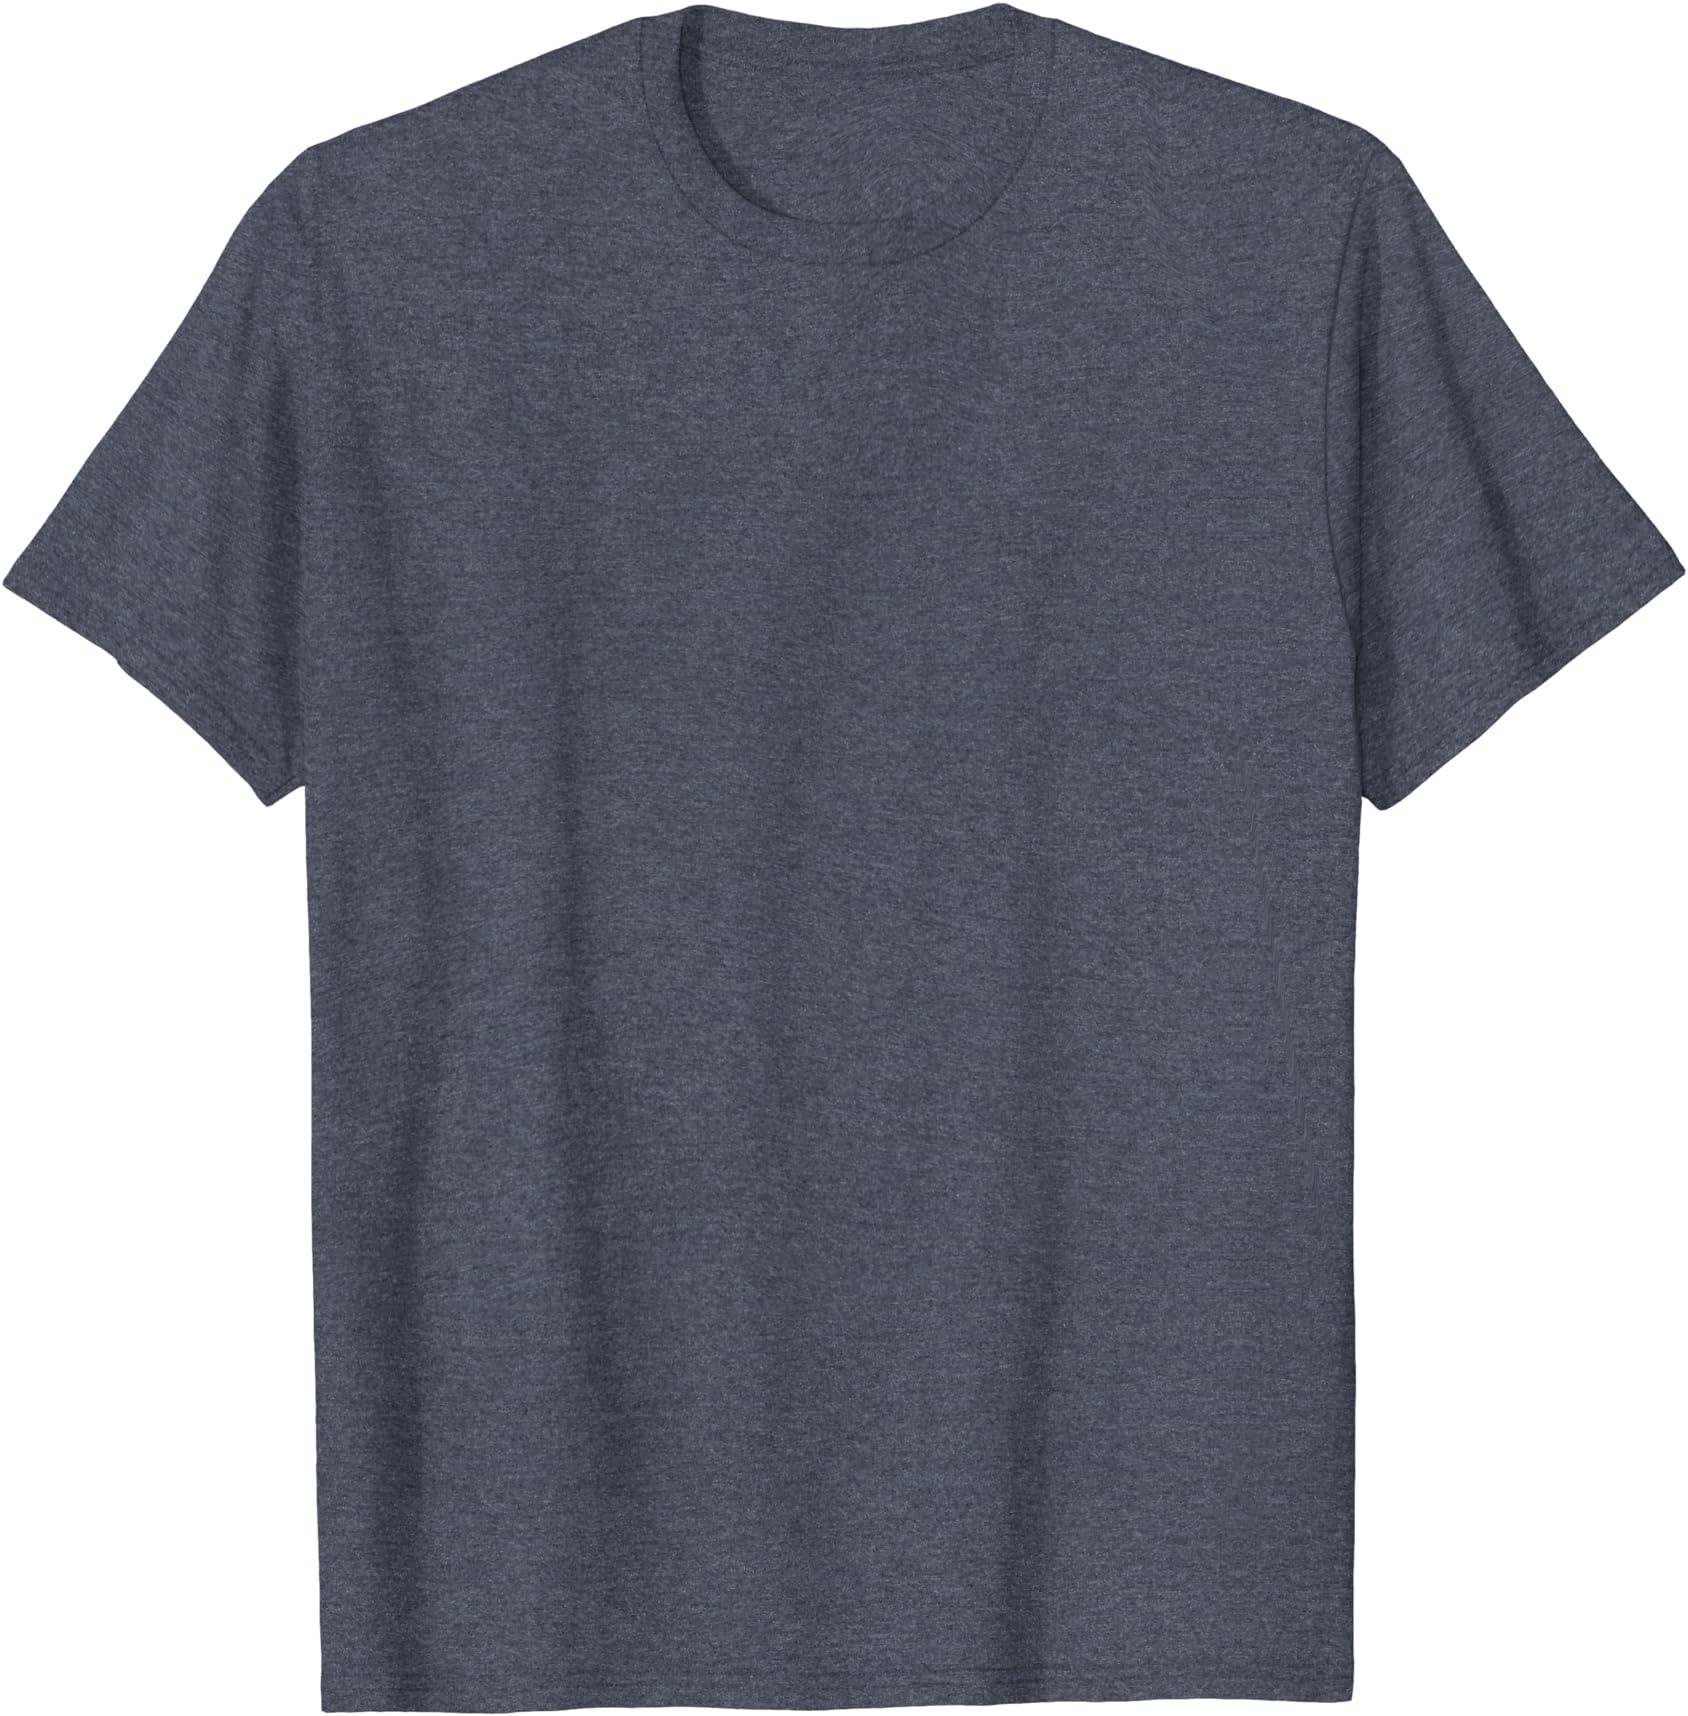 L XL 2XL Bass Life Fishing T-Shirt in White /& Blue M 3XL